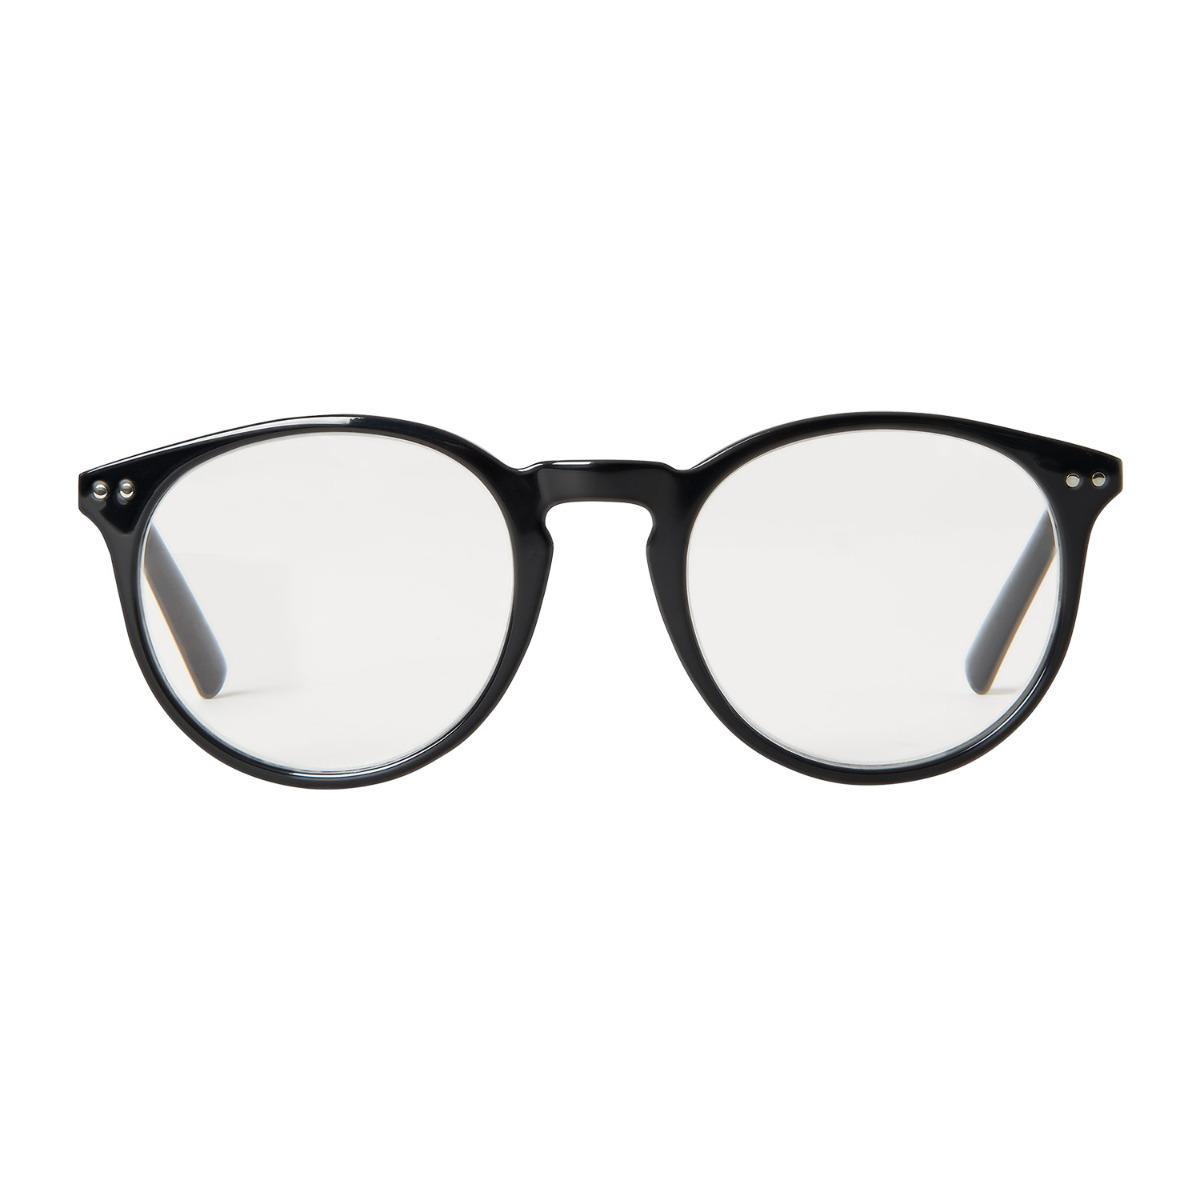 Designtorget Läsglasögon DT Rund Svart +1,5